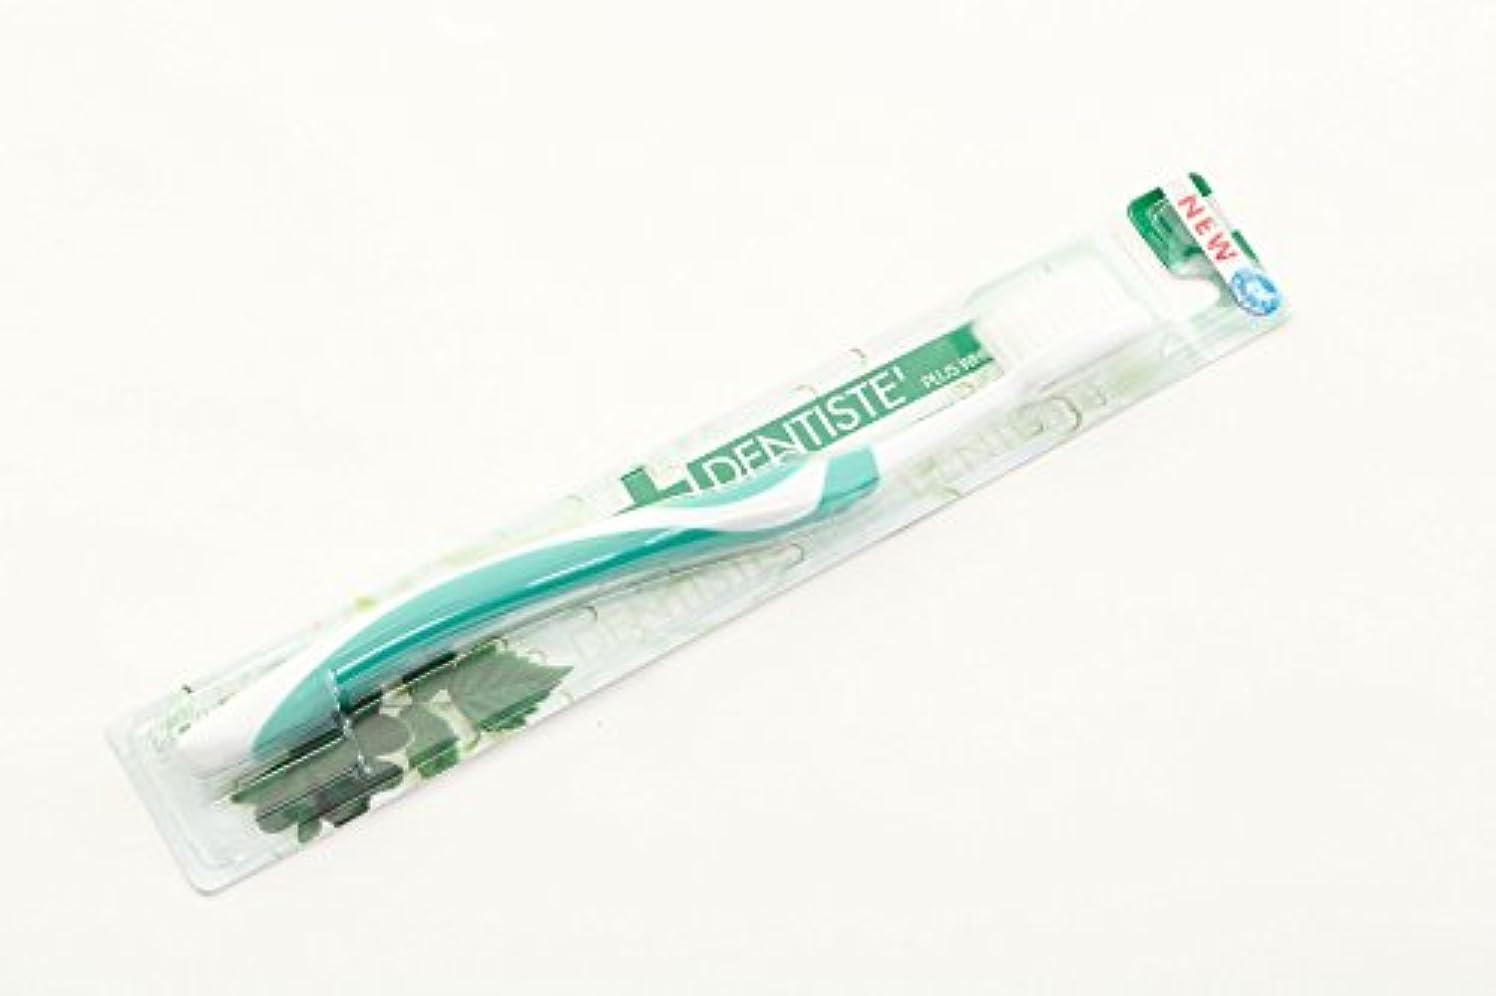 考古学的な公使館ブロック@コスメNo1のLove歯磨き デンティス【歯ブラシ DENTISTE  大人用】 人気?売れてます